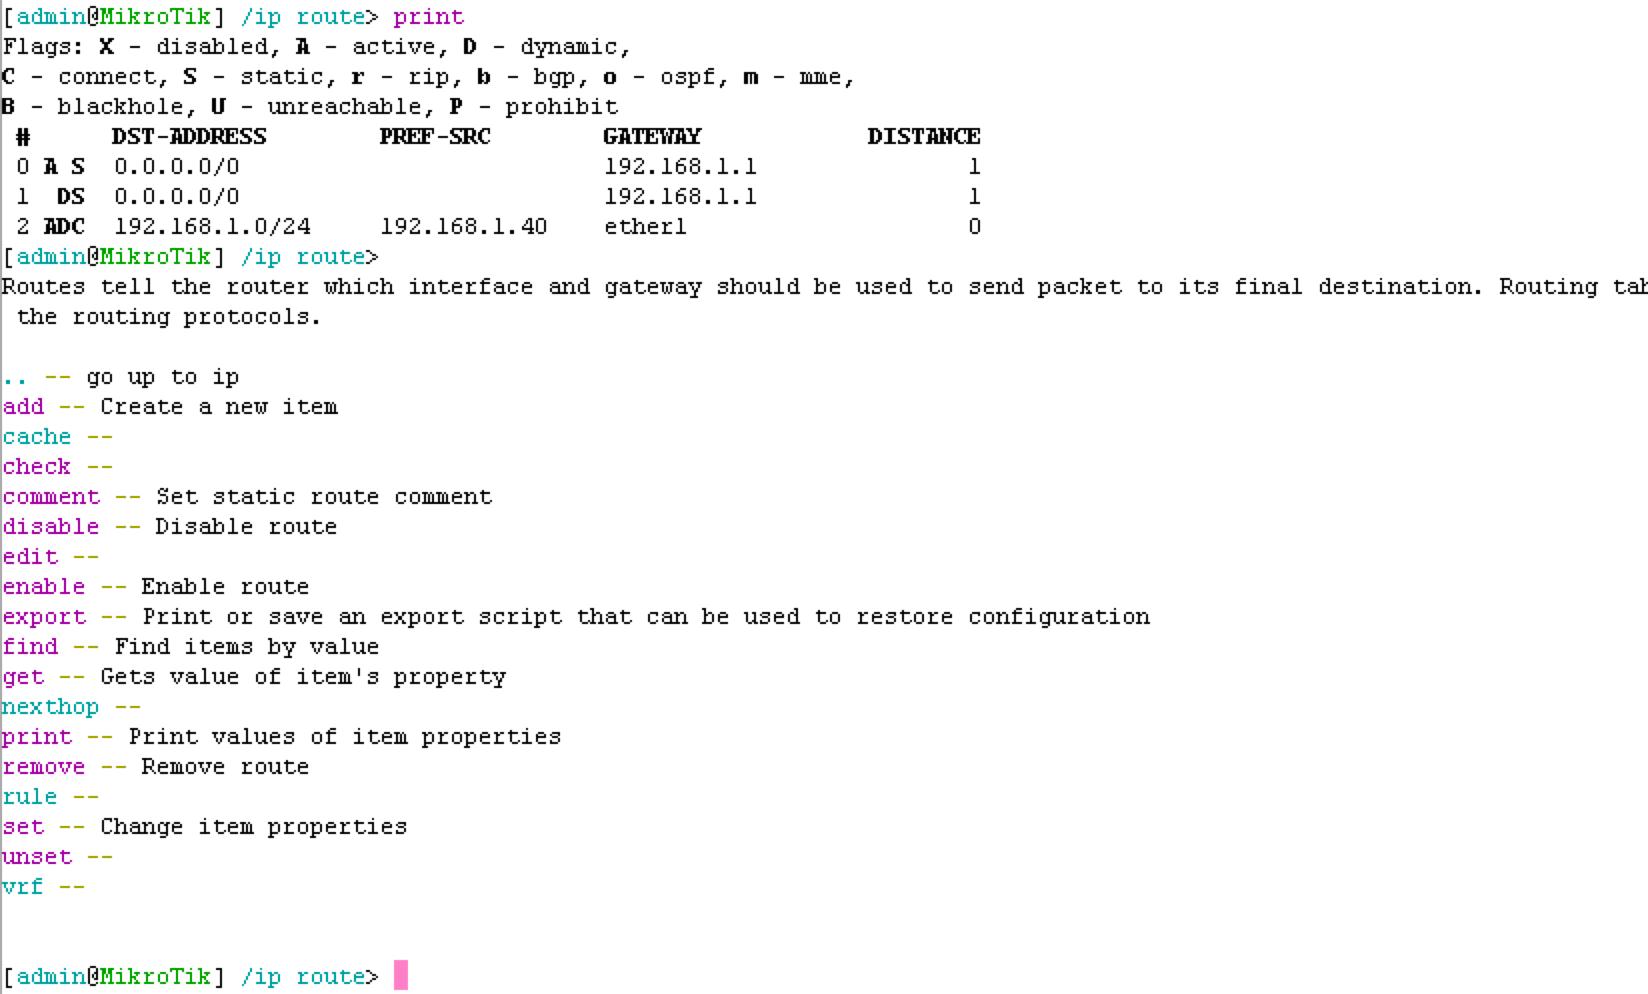 Выполнение команд на подуровне в RouterOS